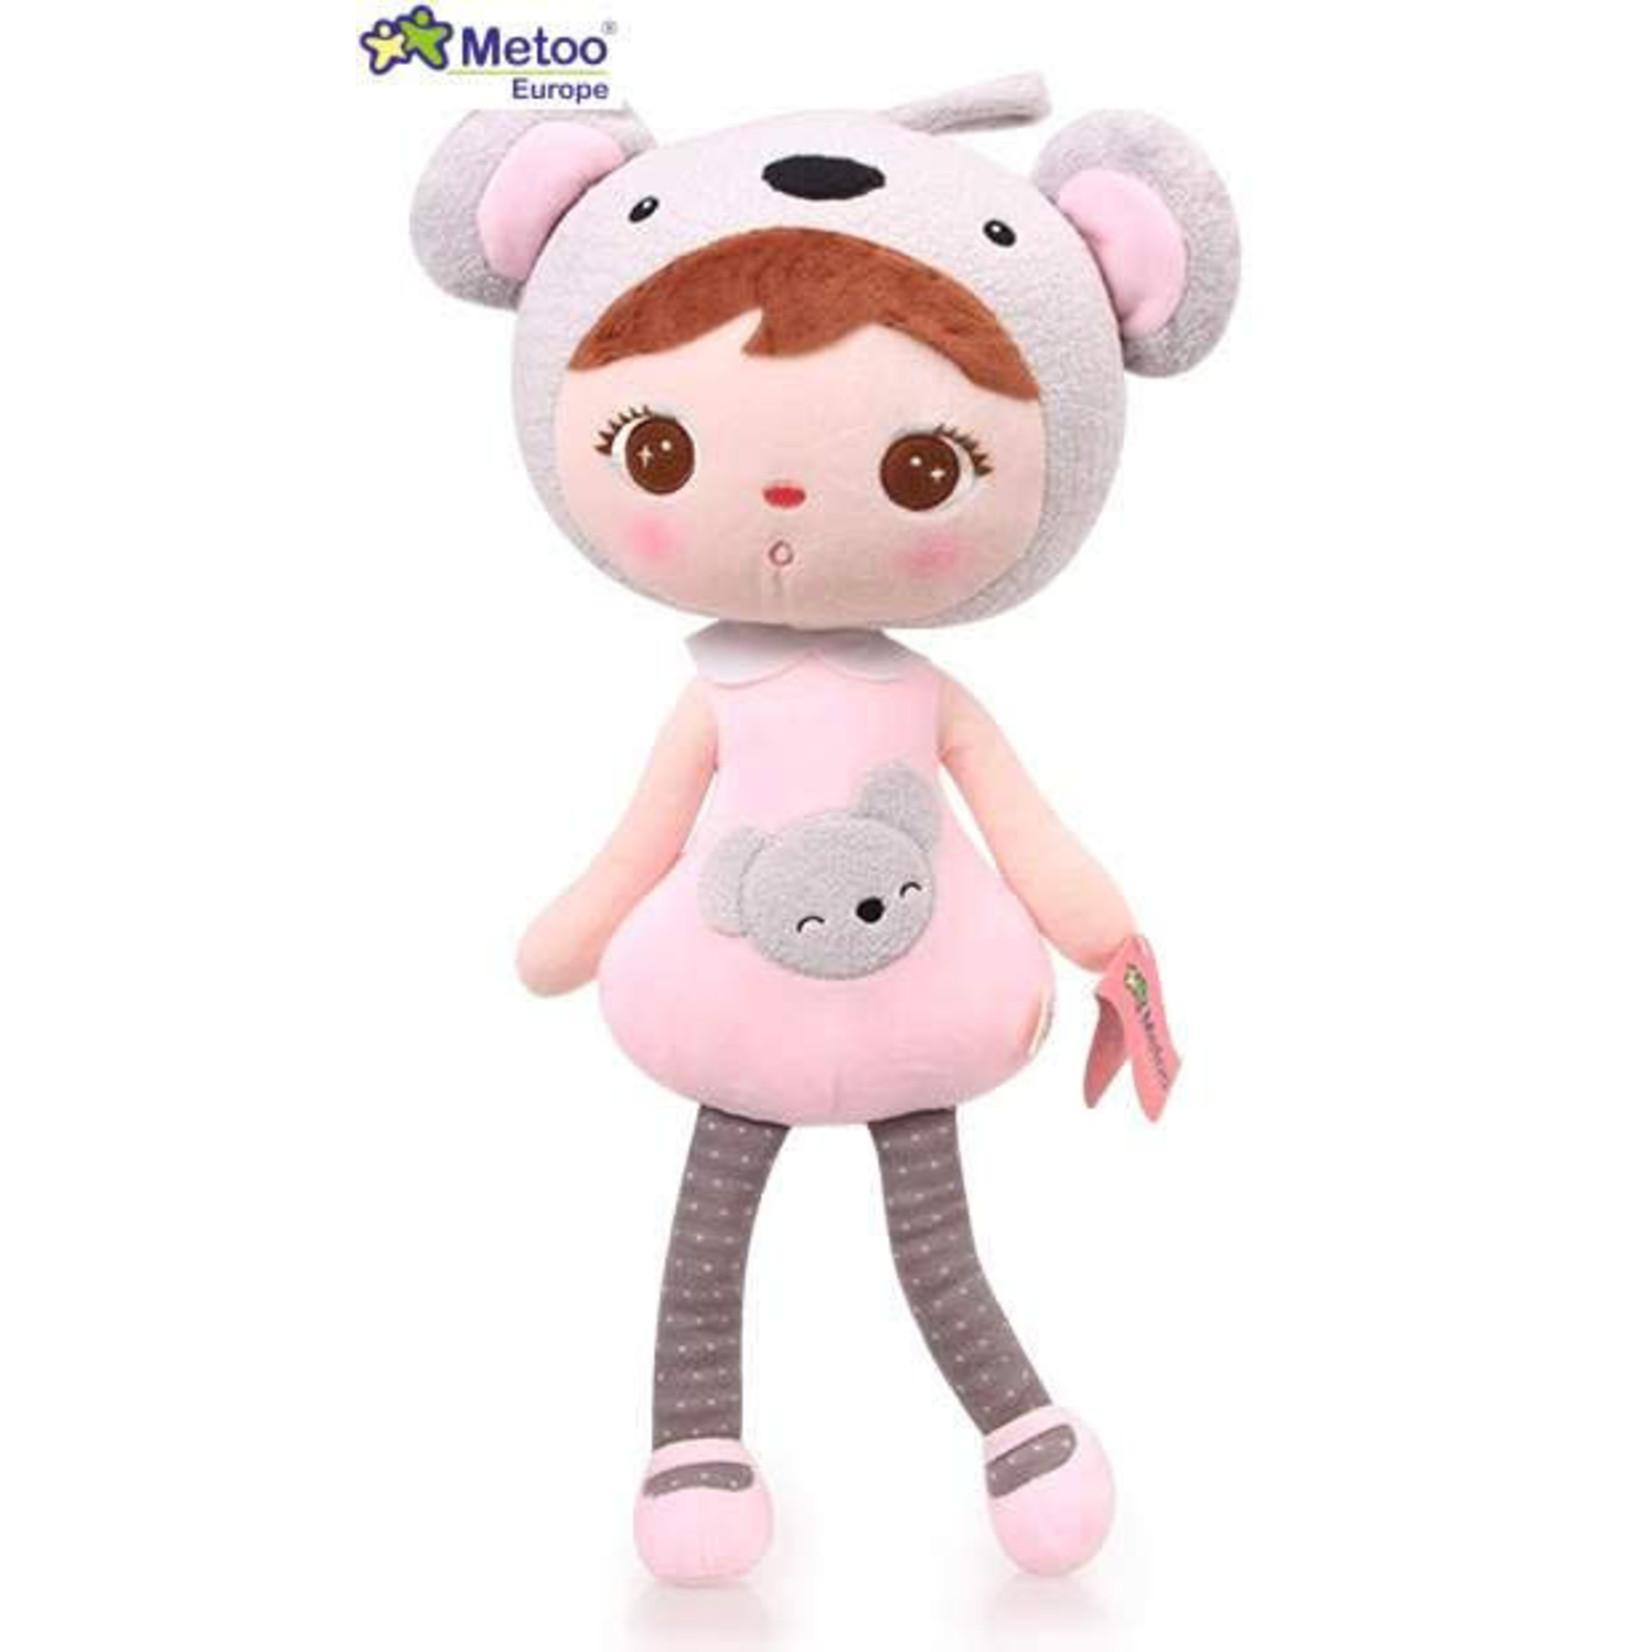 metoo Koala meisje